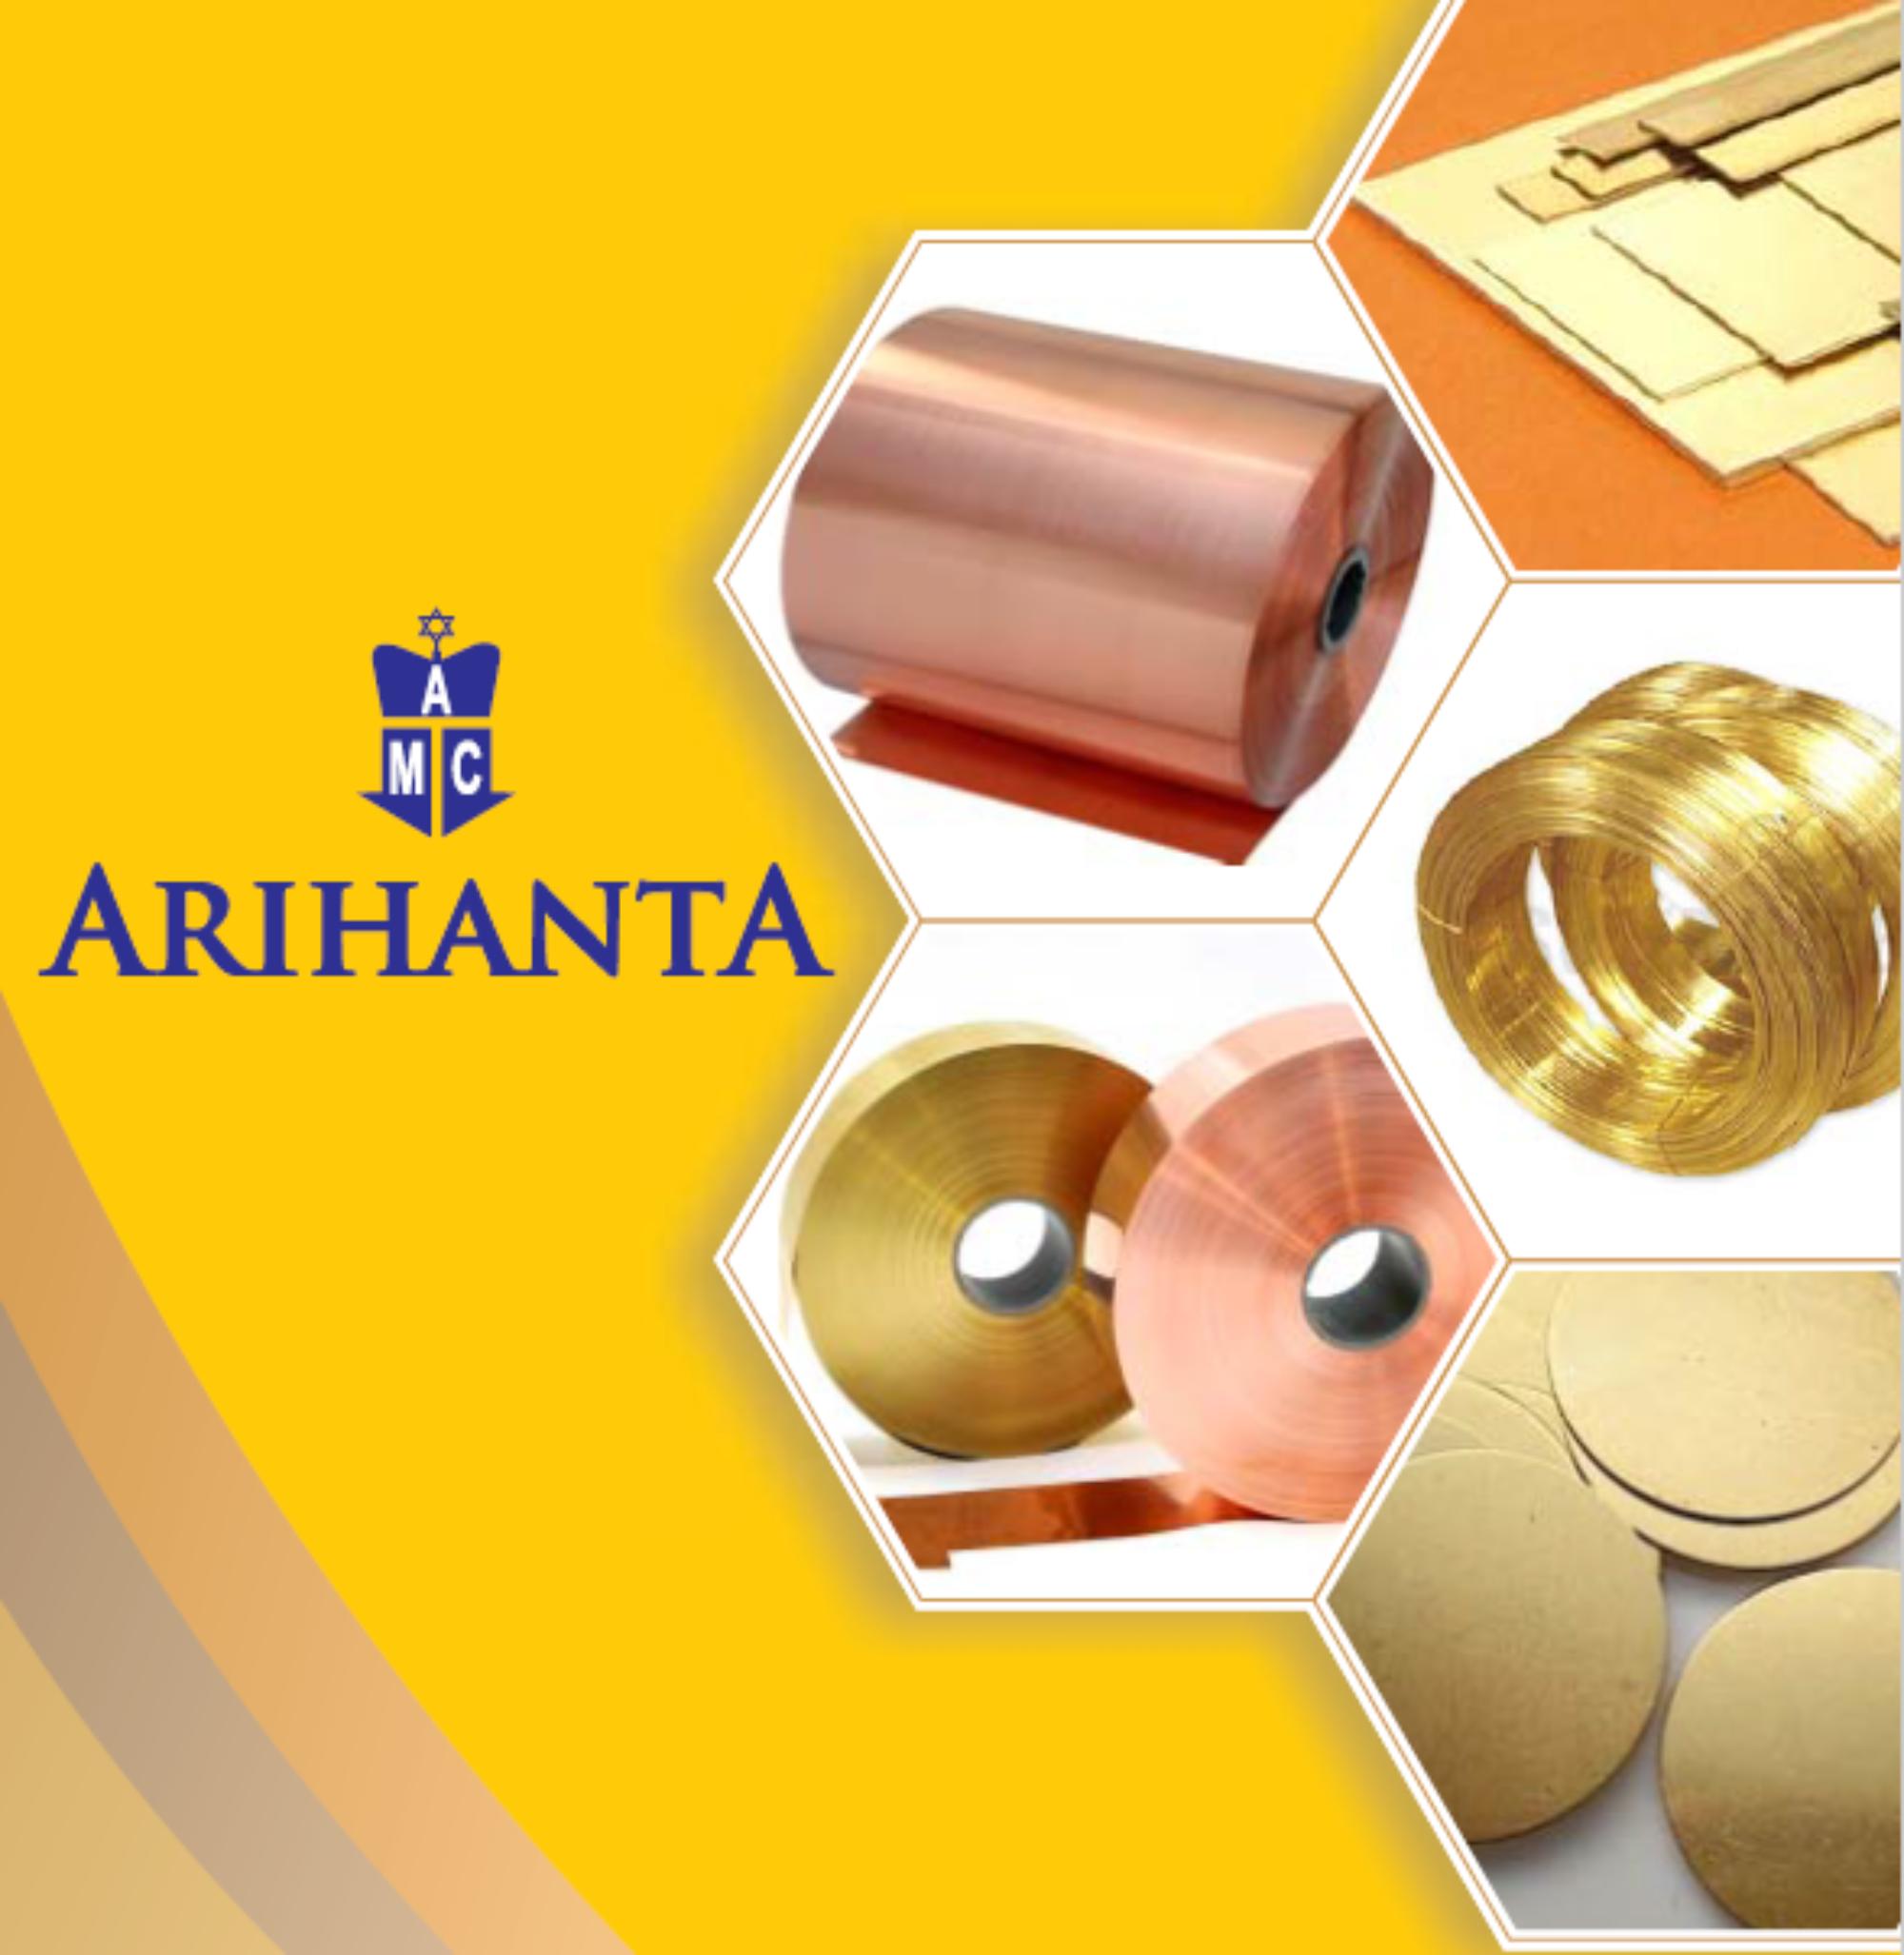 Arihanta Metal